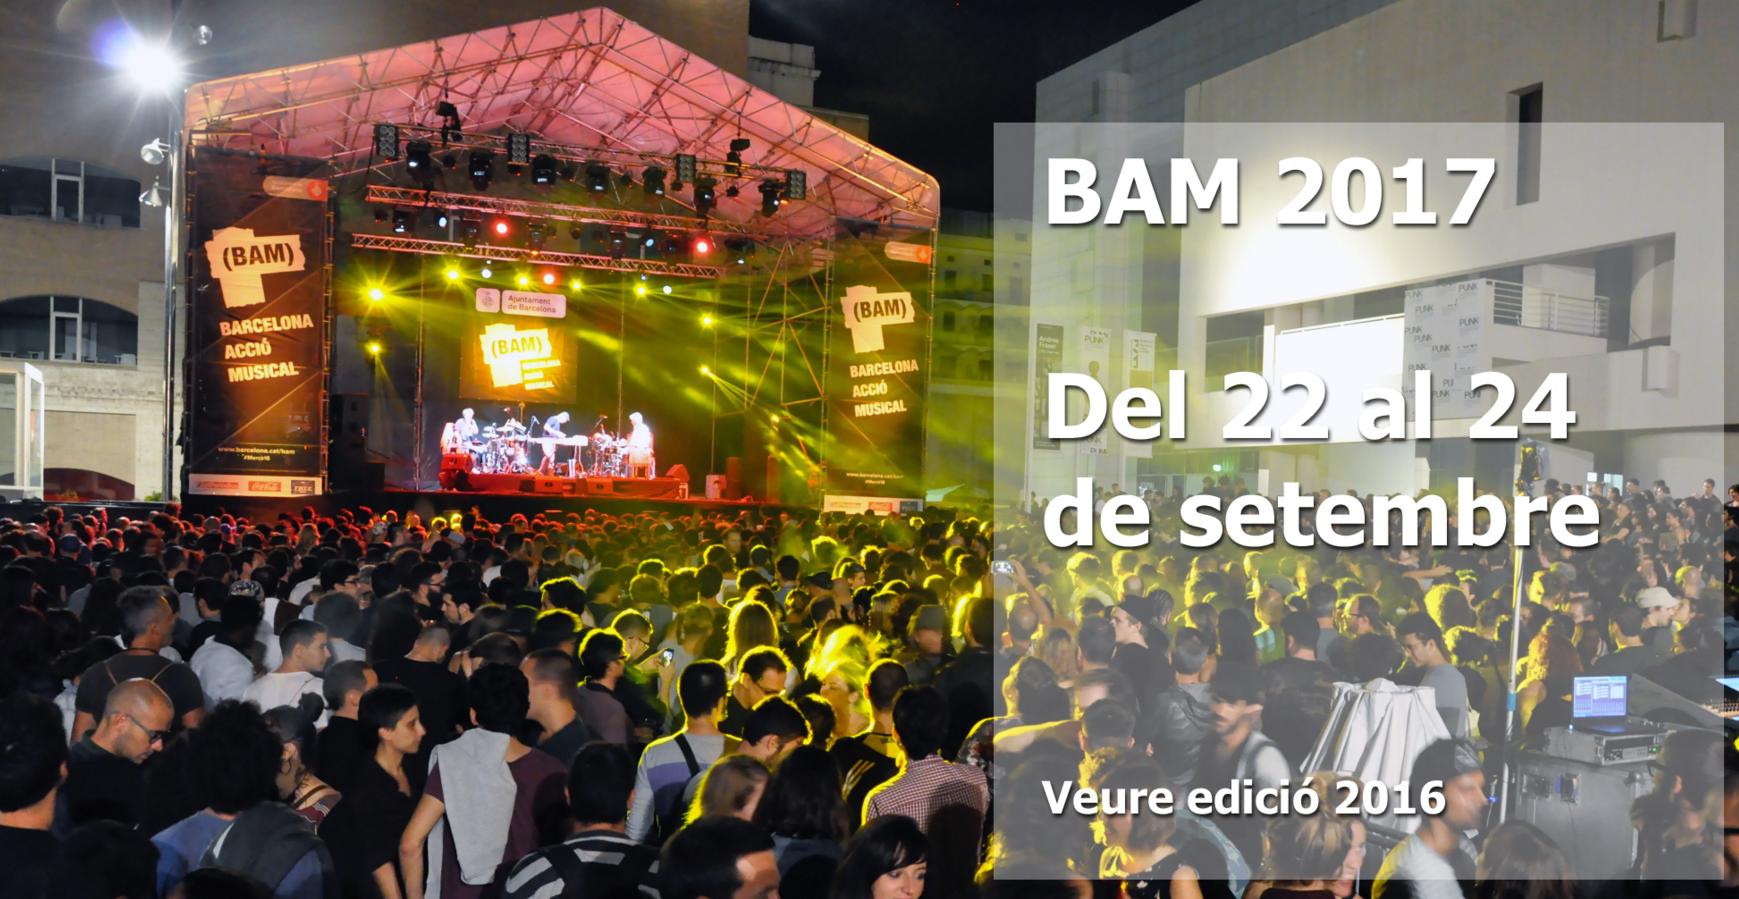 Anunci BAM 2017